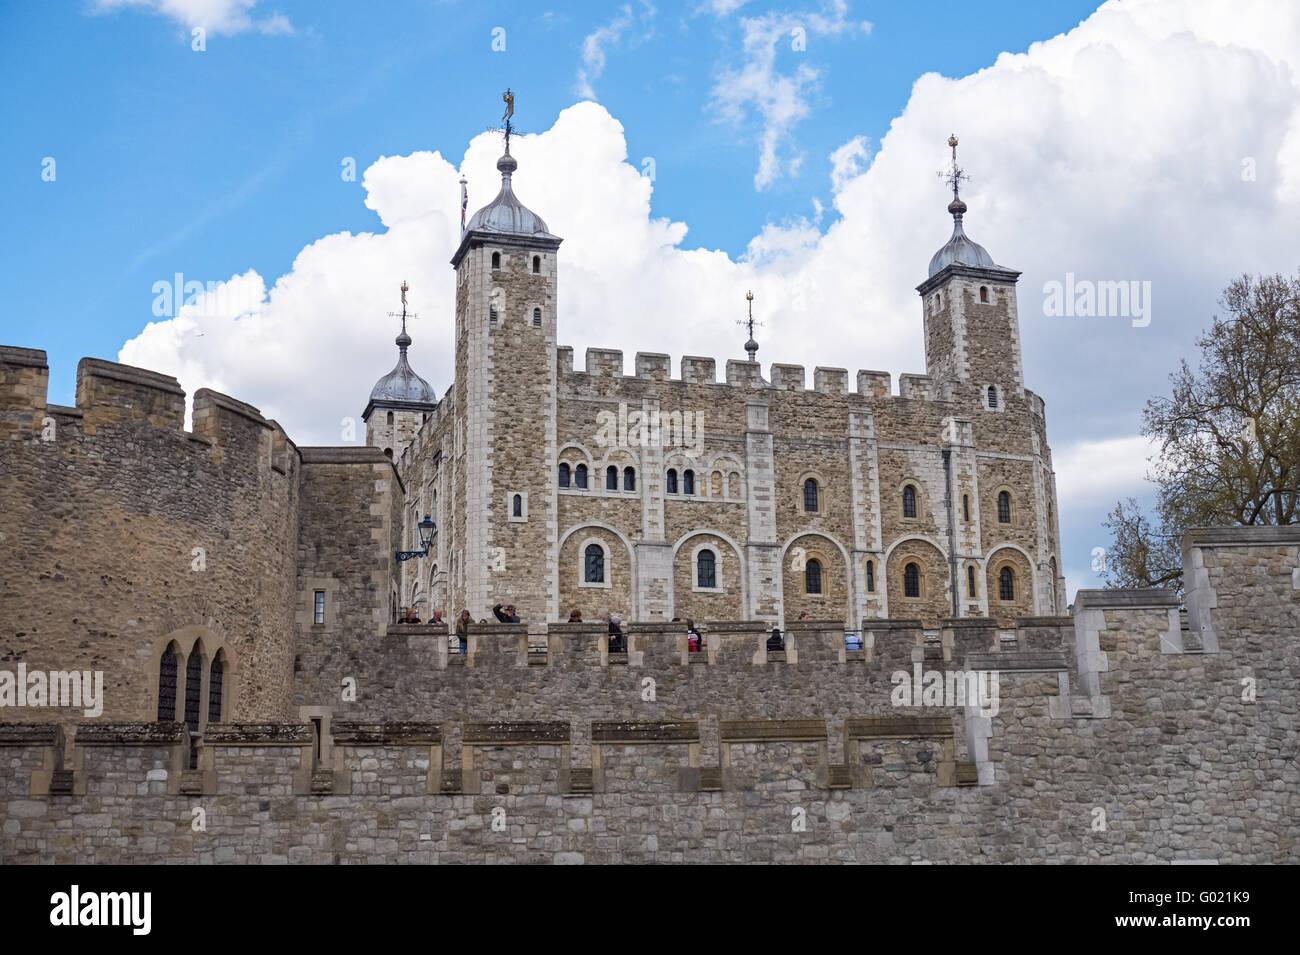 Tower of London castle, London England United Kingdom UK - Stock Image